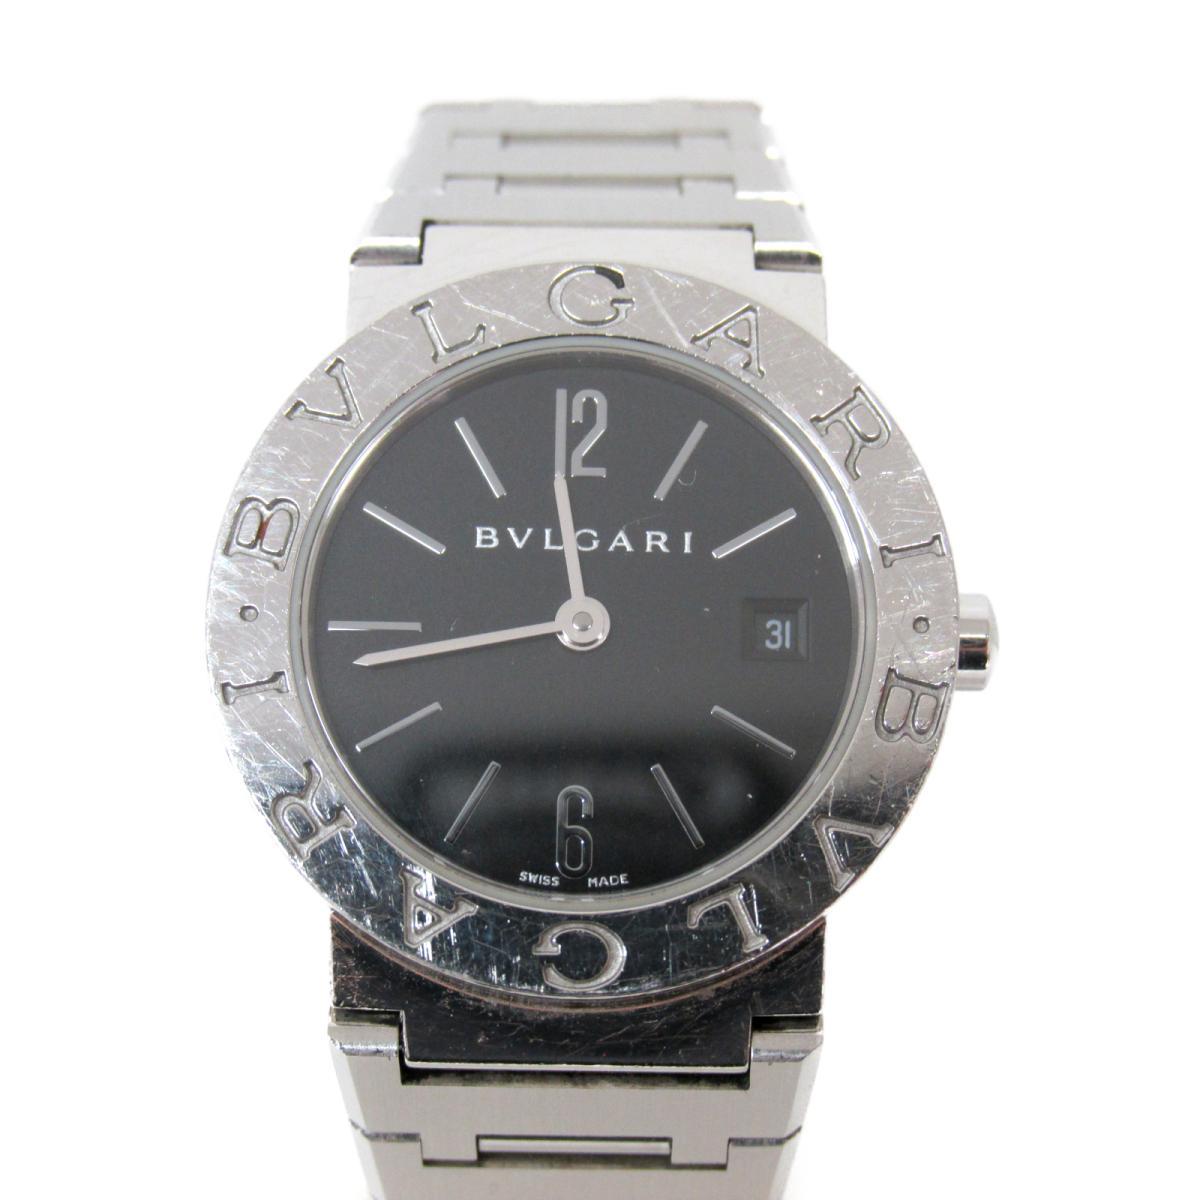 【中古】 ブルガリ 腕時計 レディース (BB26SS) | BVLGARI BRANDOFF ブランドオフ ブランド ブランド時計 ブランド腕時計 時計 ウォッチ